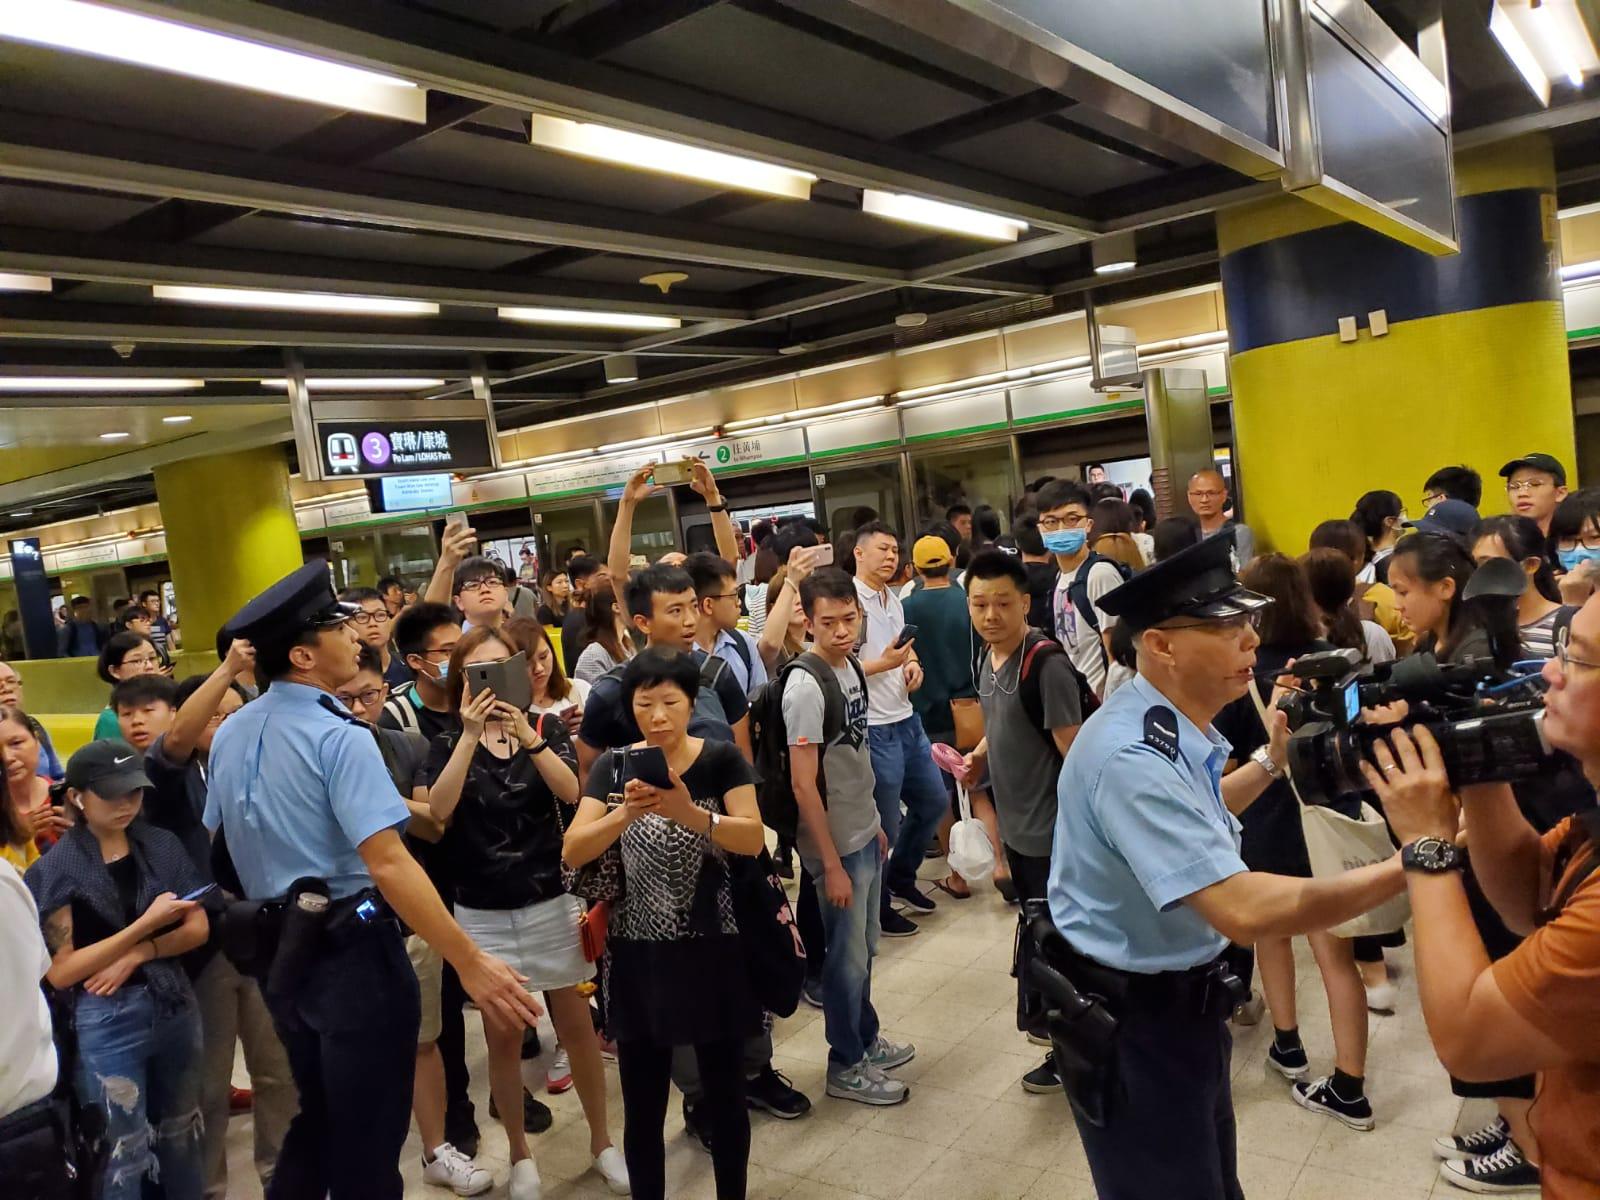 警員在月台維持秩序。